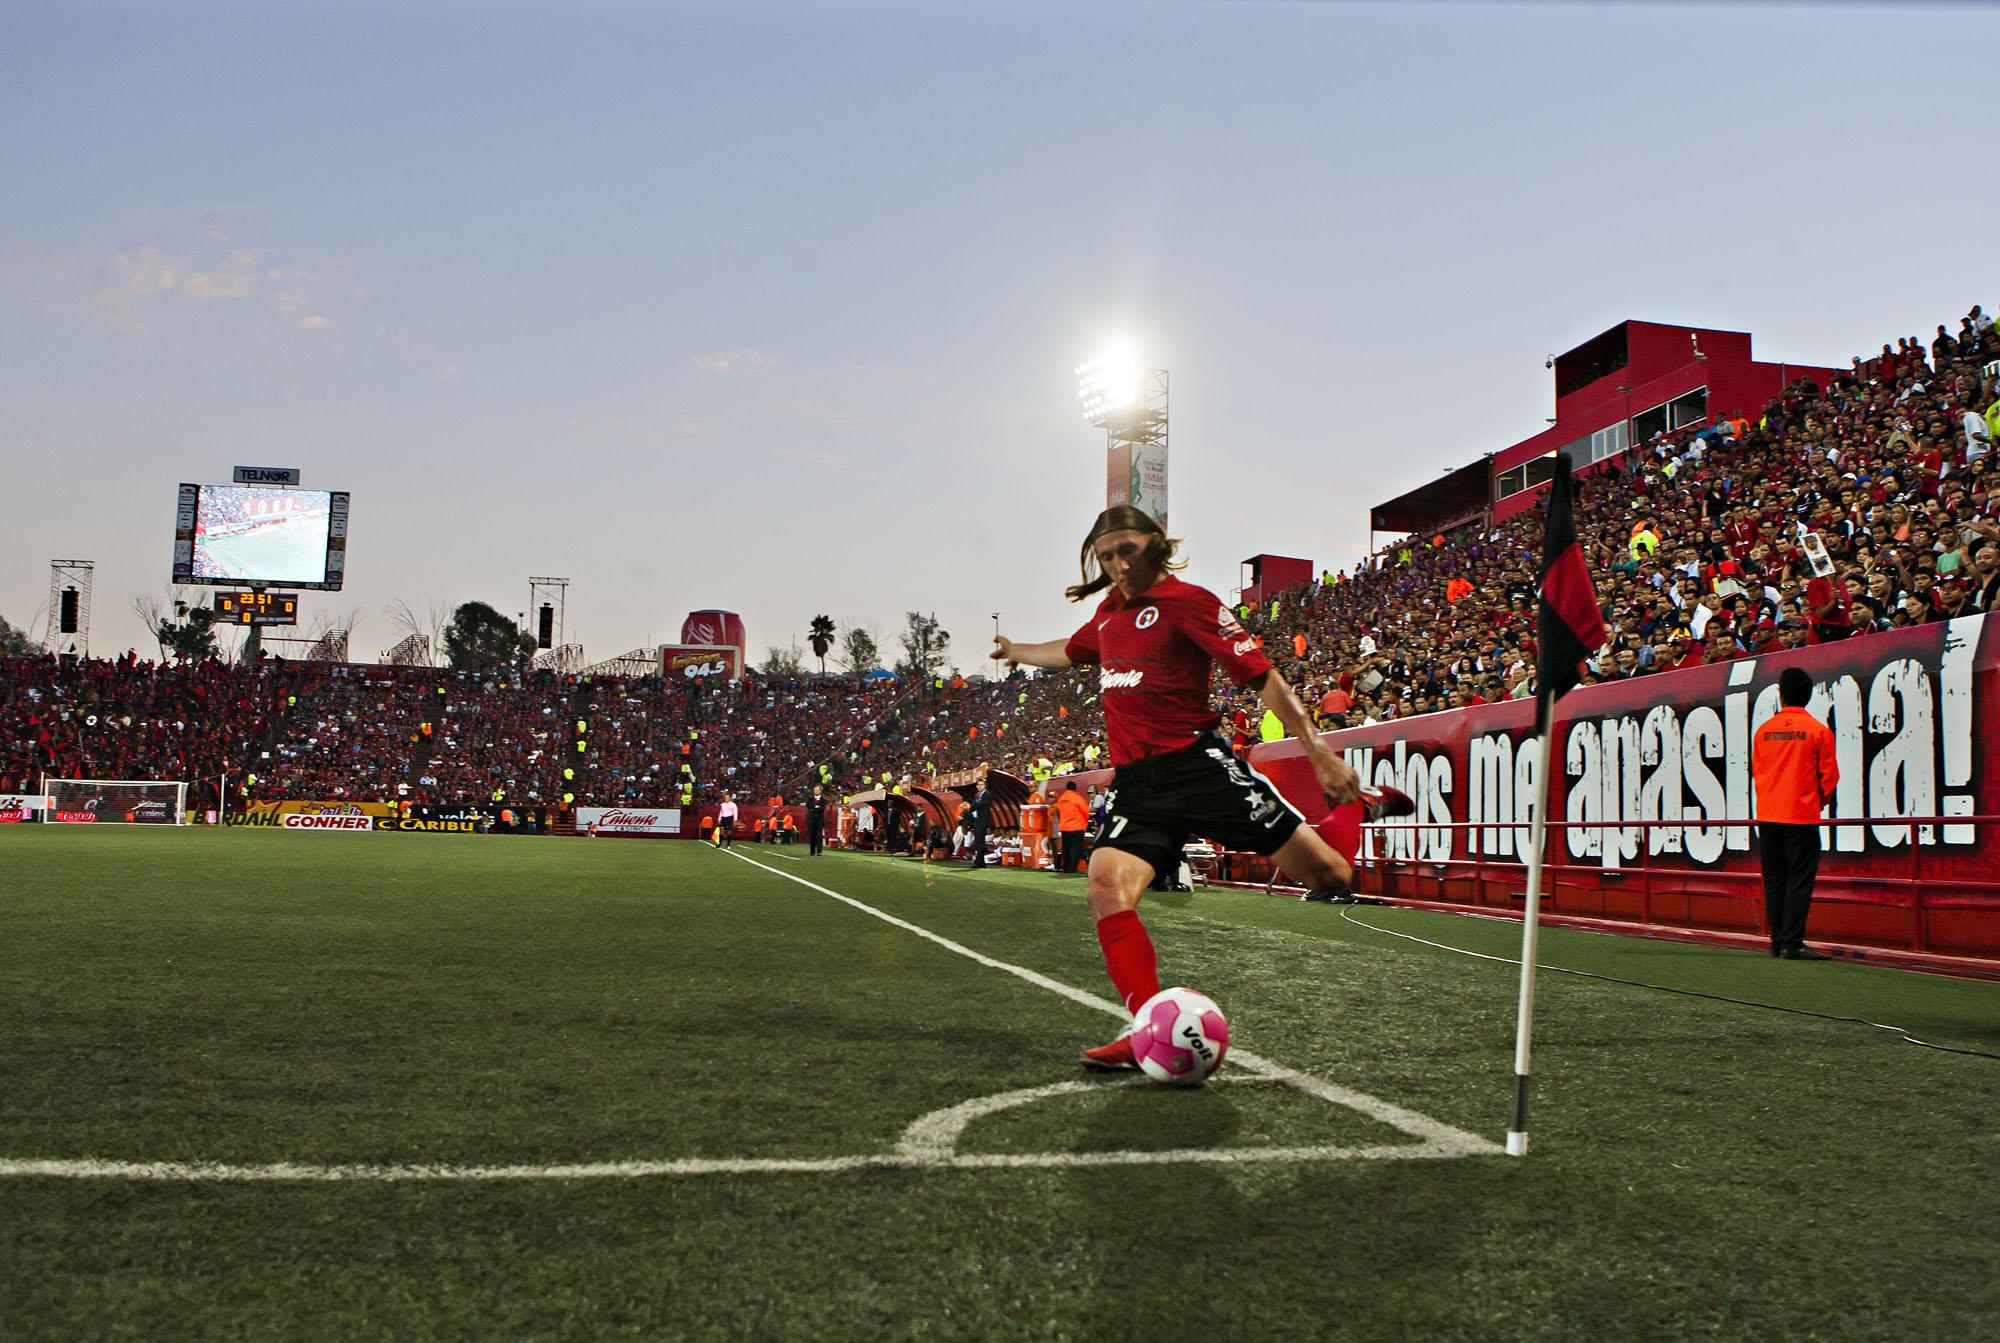 ... fue perder en casa en el torneo regular: los Diablos Rojos del Toluca